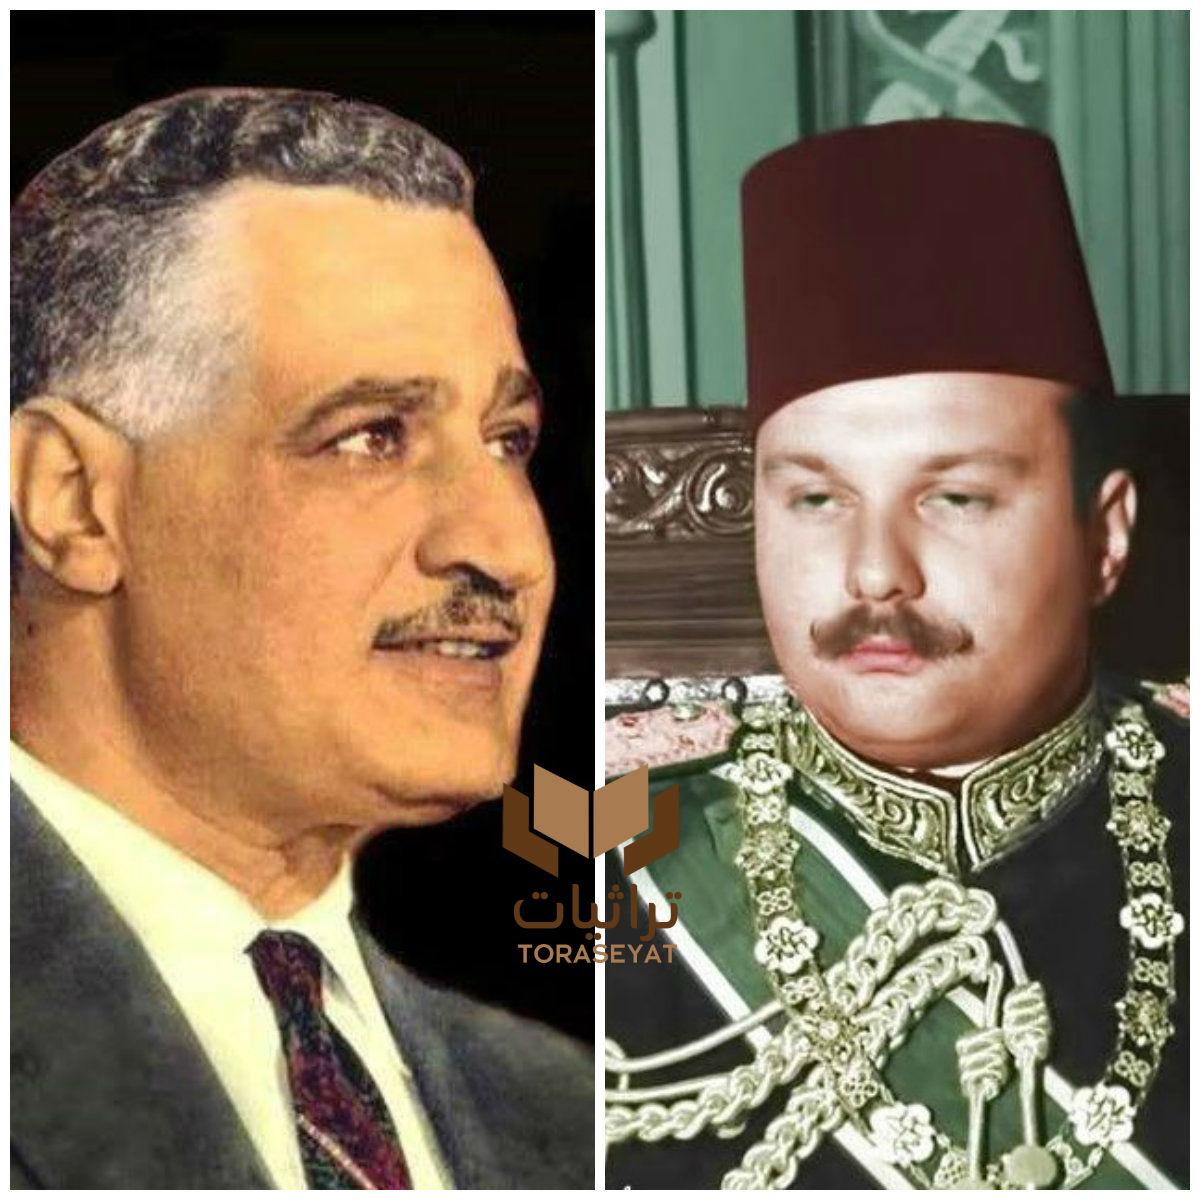 الملك فاروق - جمال عبدالناصر